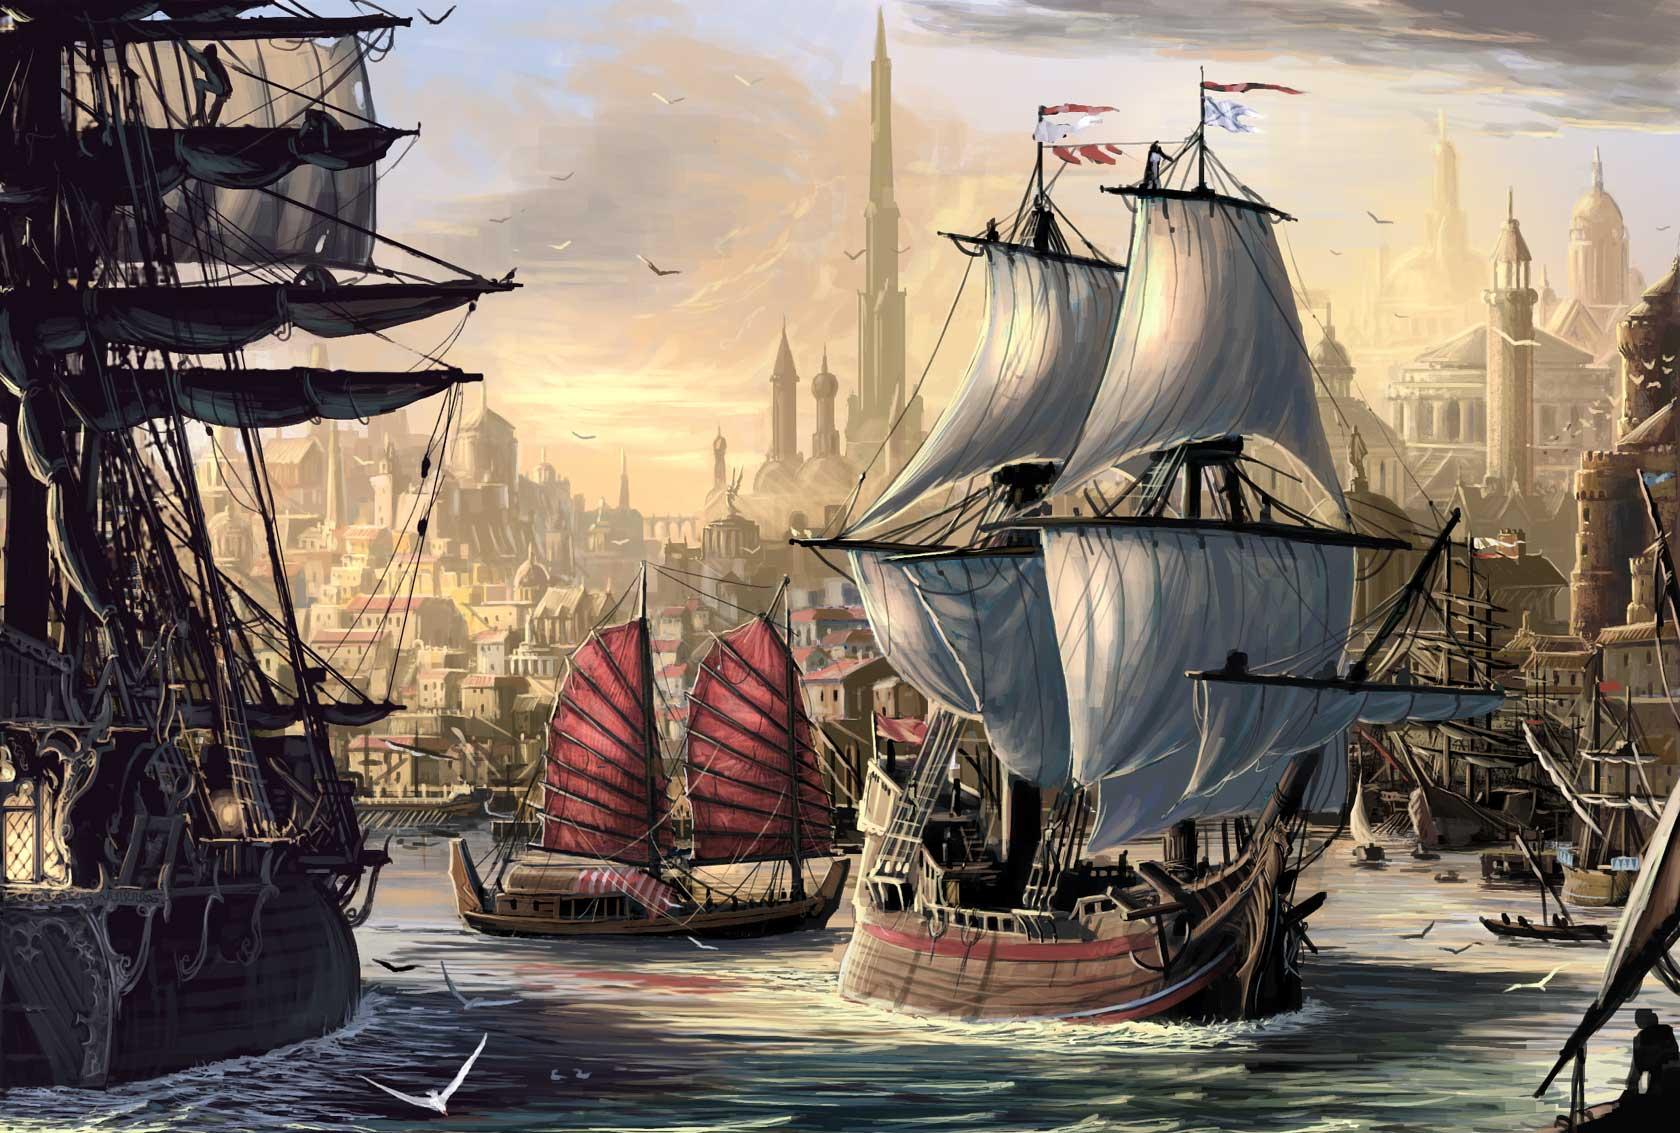 Ships_in_port.jpg